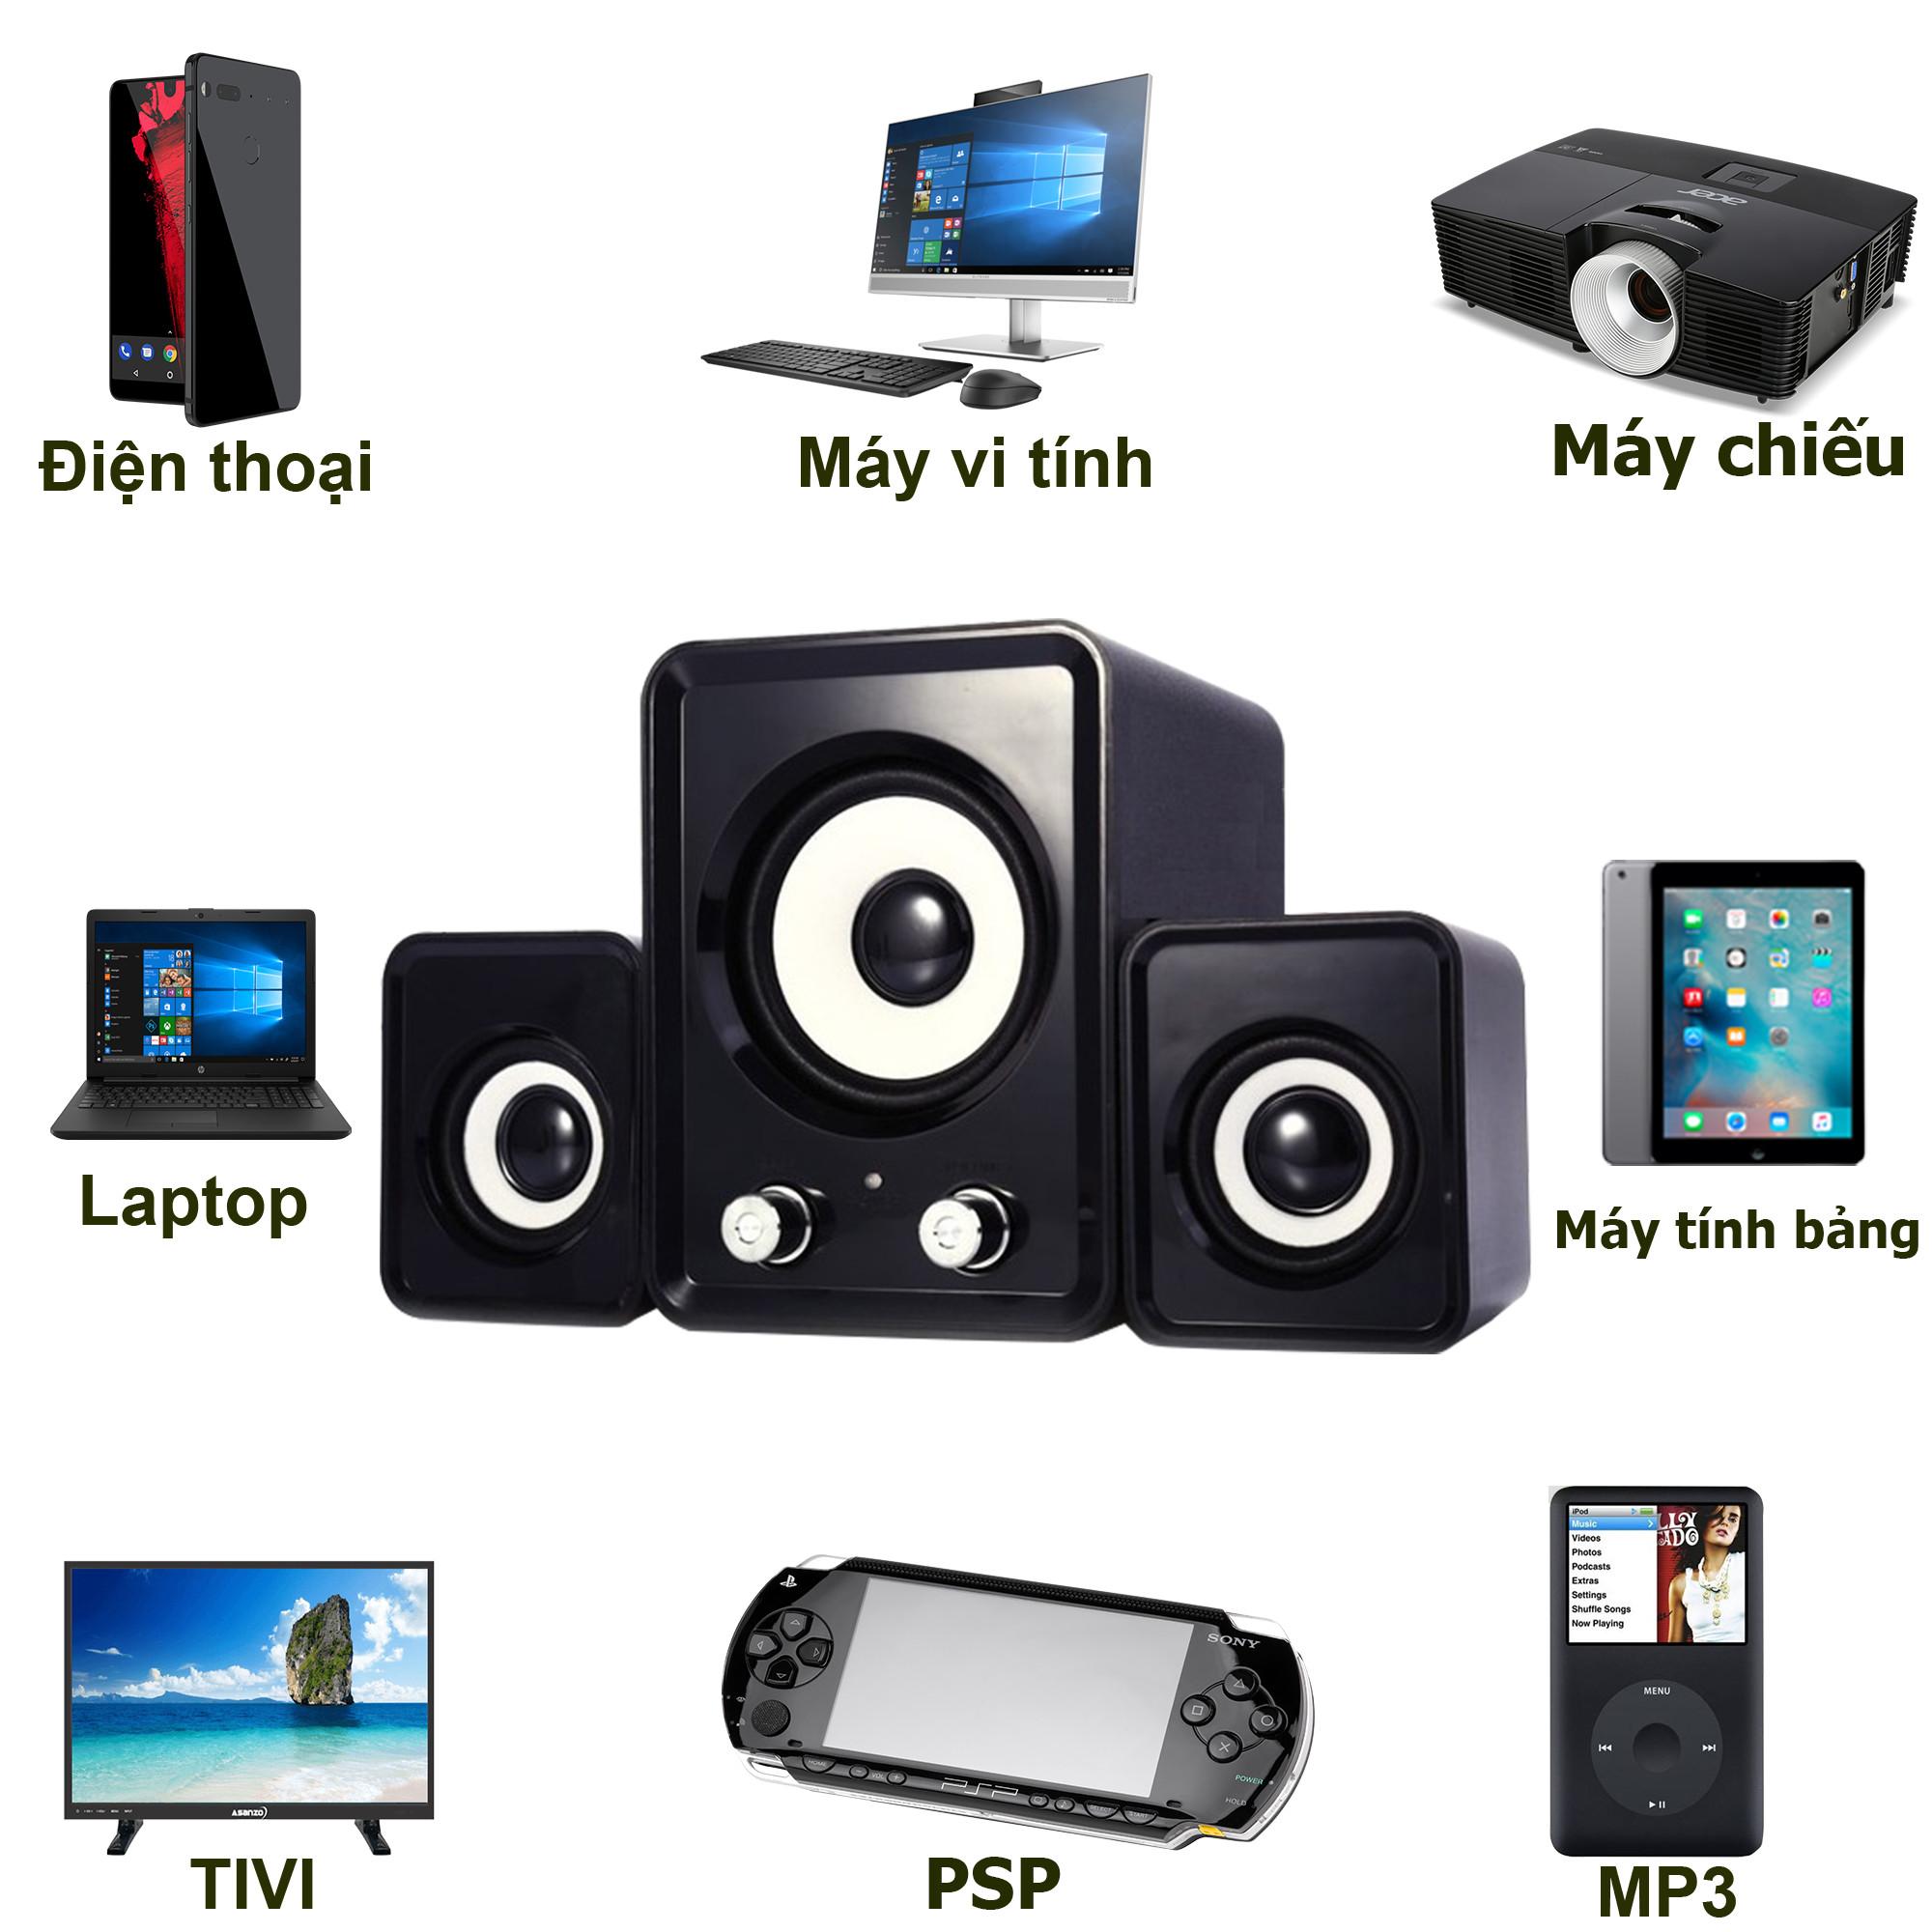 Loa vi tính 2n điện thoại máy tính laptop bass bộ 3 loa đen